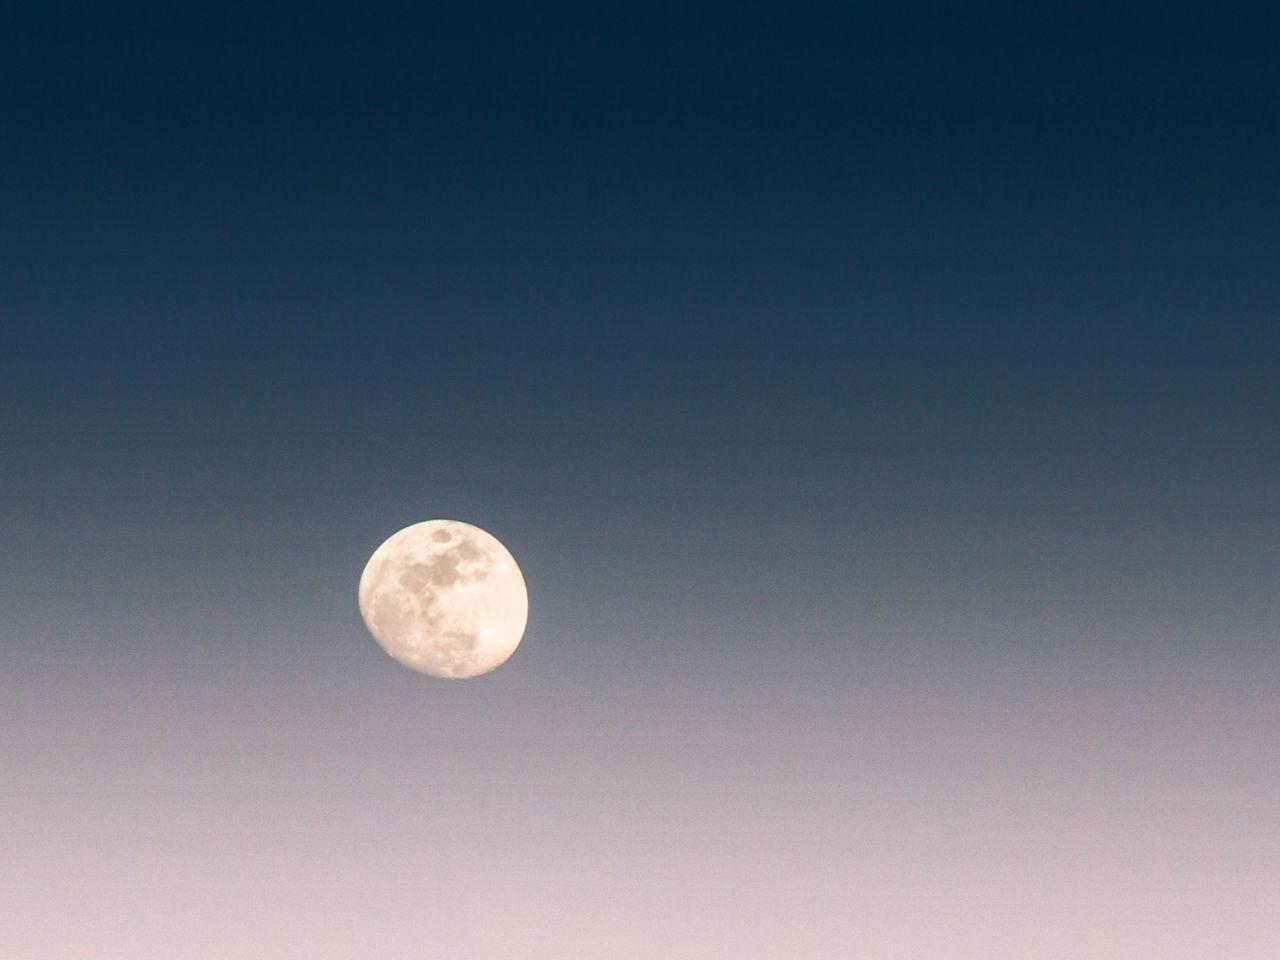 La luna comienza su viaje nocturno Luna Moon Sky Space Astronomy Planetary Moon Astronomia Espacio